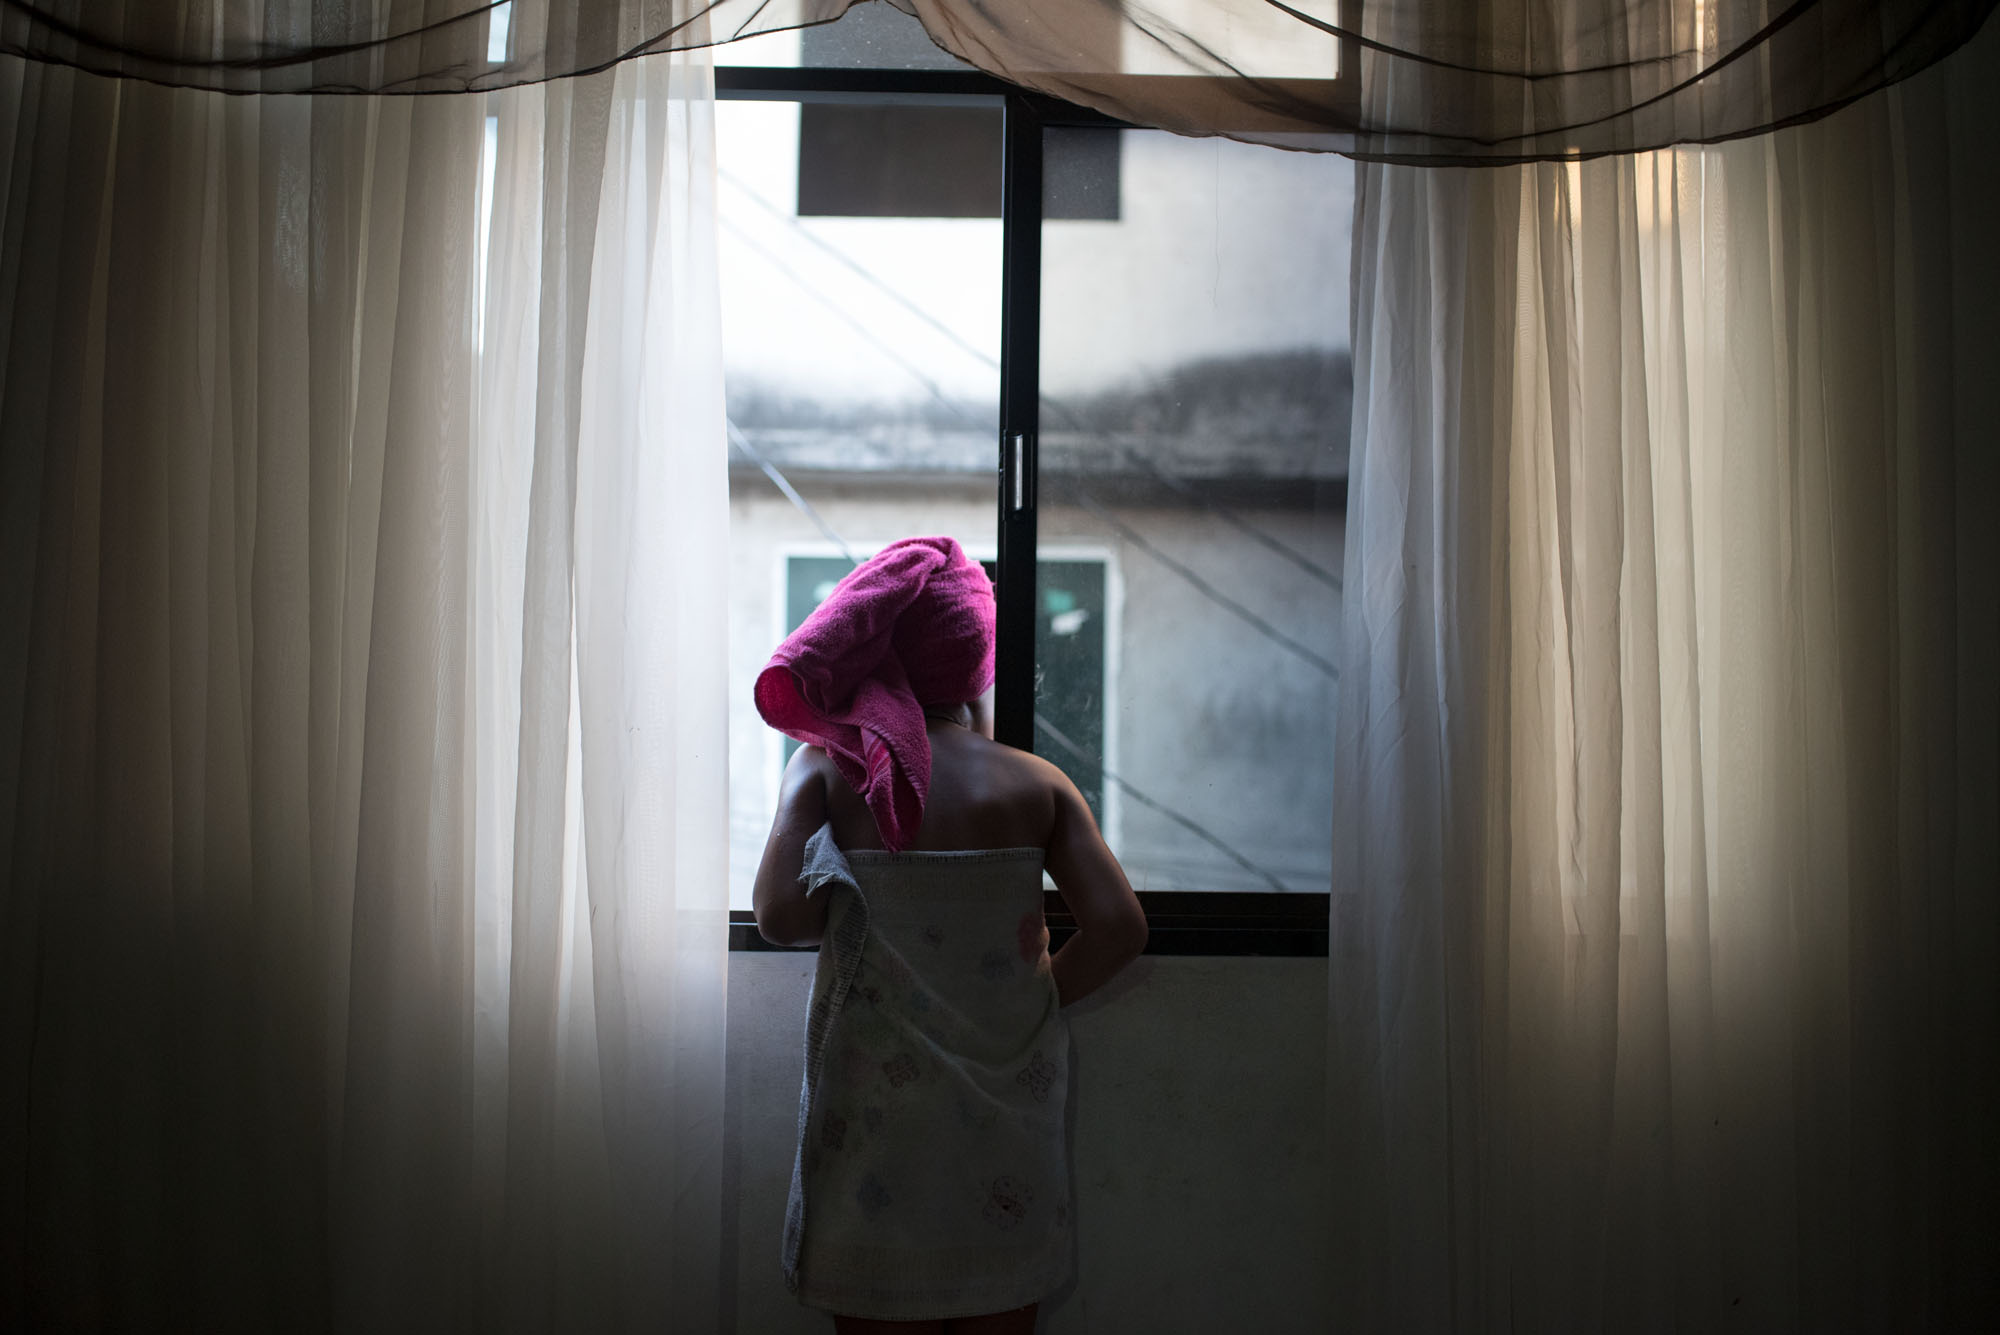 Sabine van Wechem - fotoreeks Fica Suave - Vila Cruzeiro favela - Rio de Janeiro - vrouw met handdoek op haar hoofd